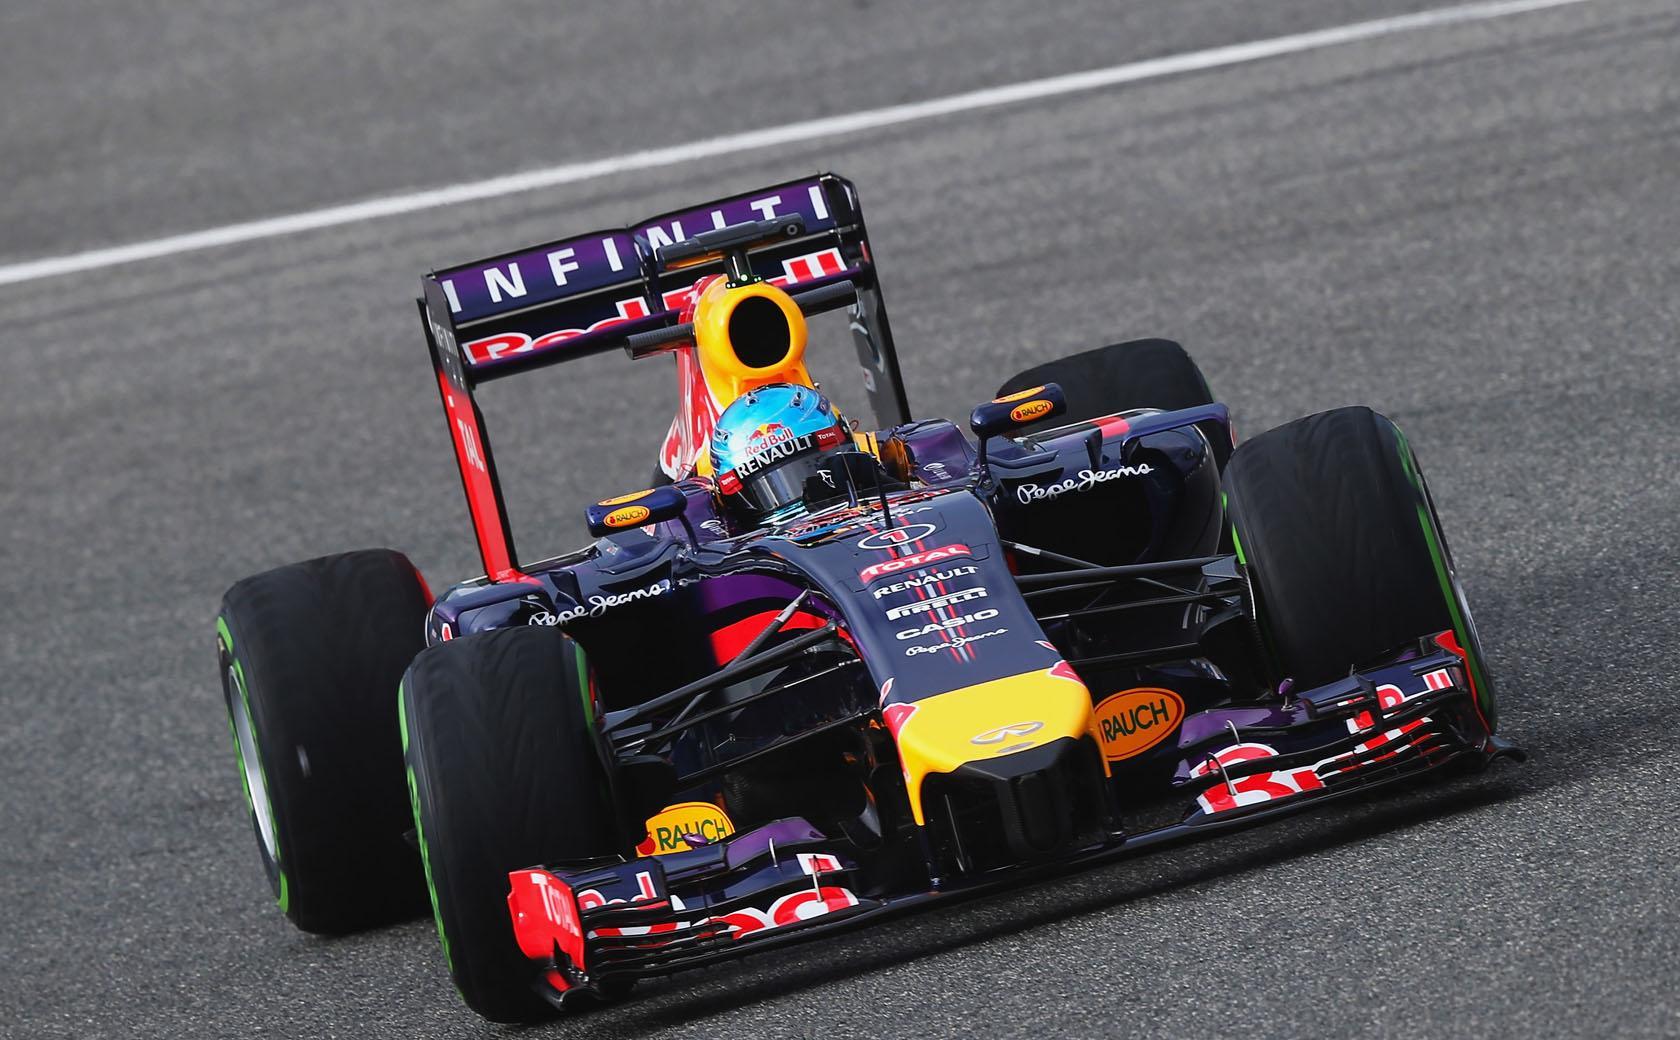 Ecclestone levelet írt az F1-es csapatoknak a dupla pontok miatt